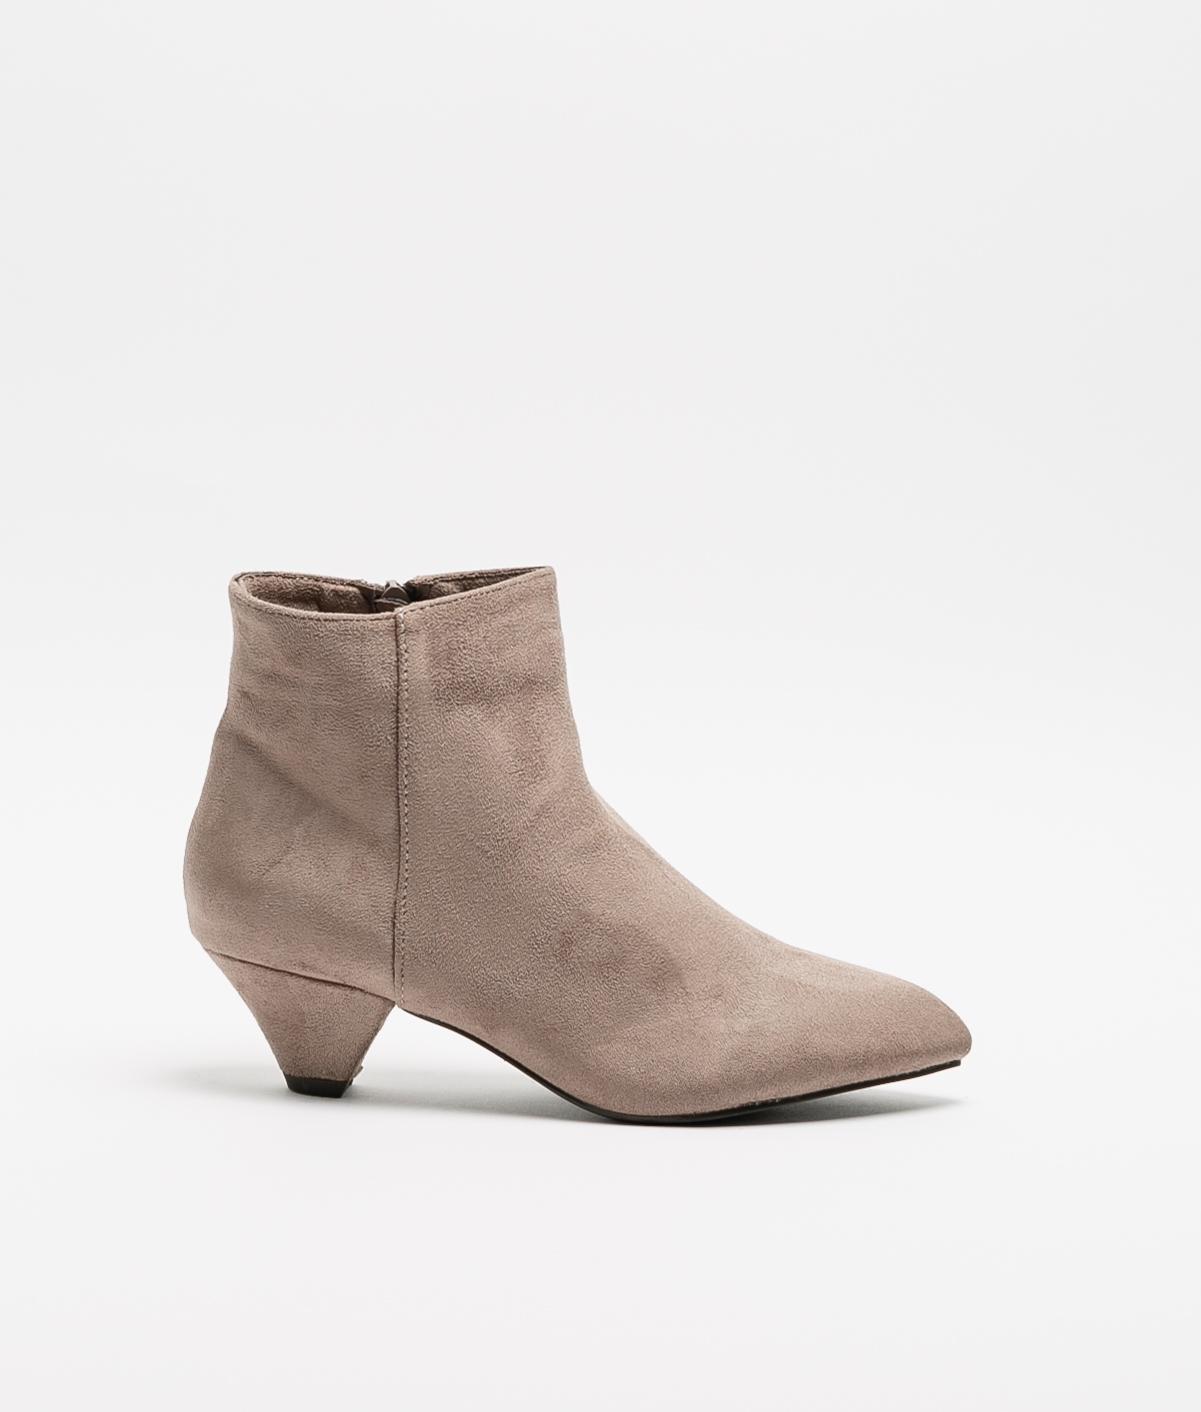 Boot Petite Prisca - Taupe